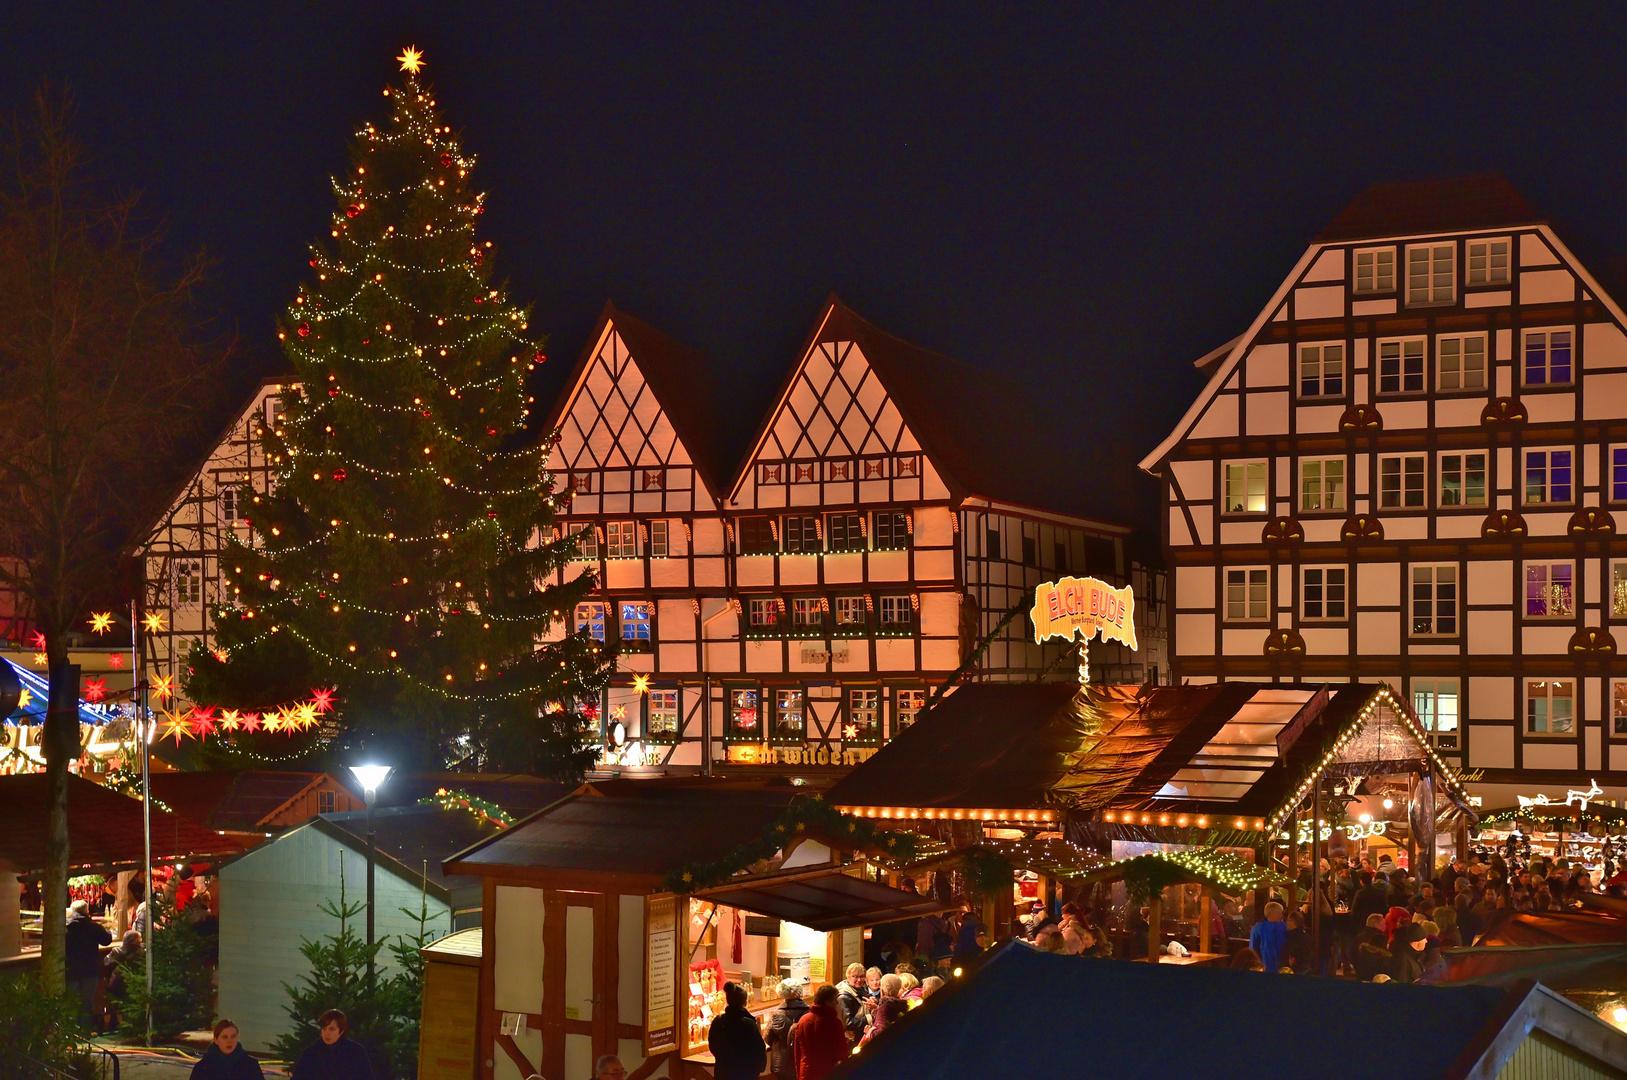 Weihnachtsmarkt Soest Foto Bild Deutschland Europe